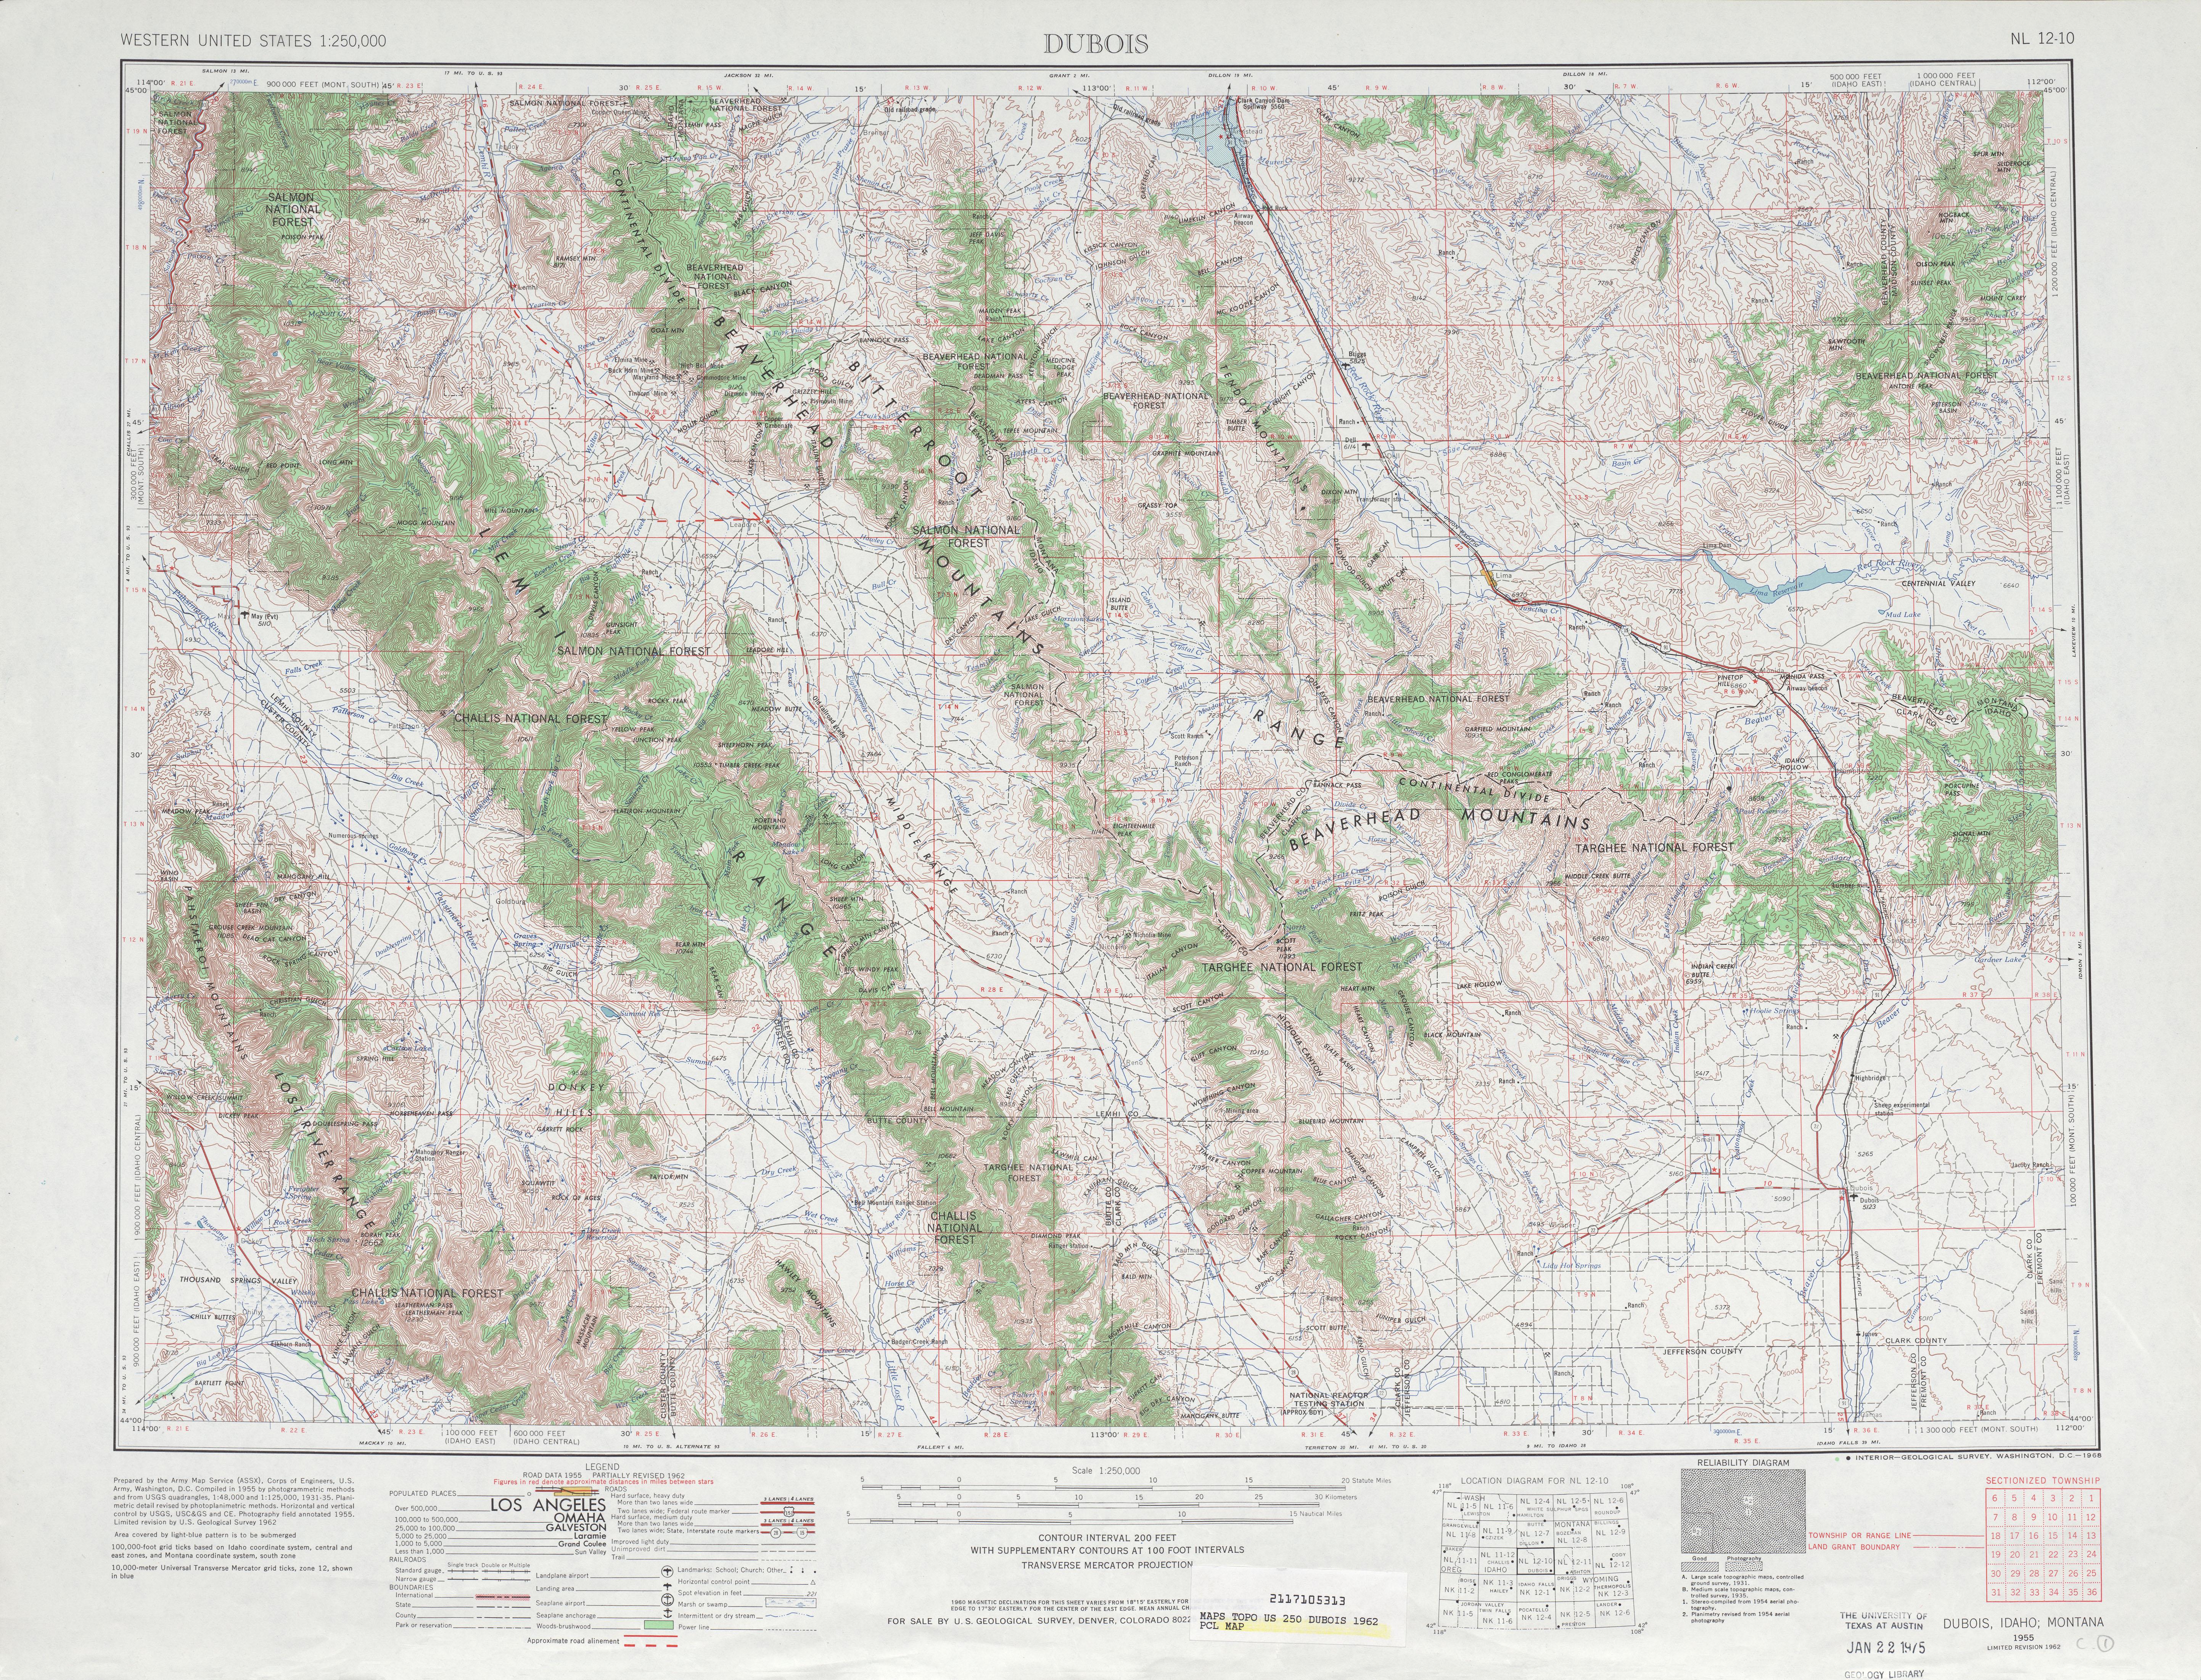 Hoja Dubois del Mapa Topográfico de los Estados Unidos 1962